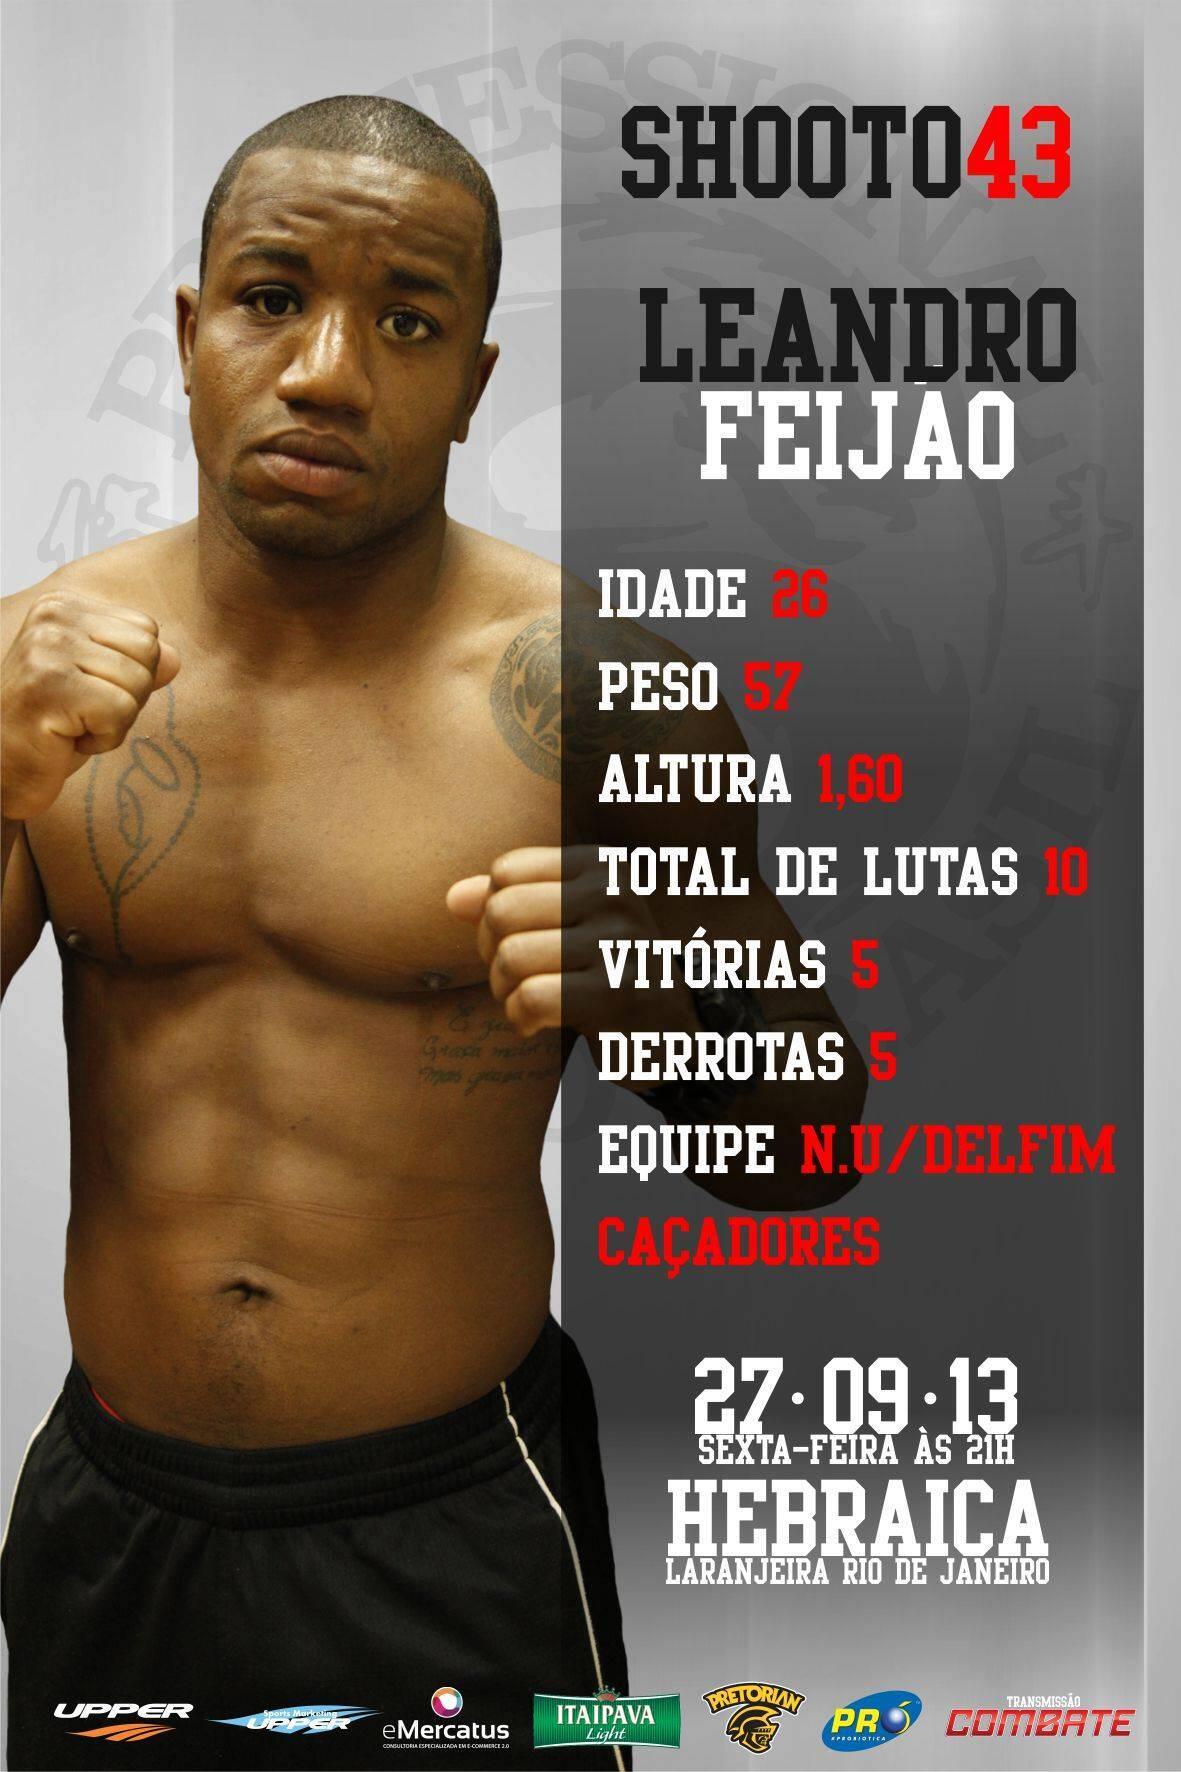 Lutador Leandro Feijão morreu antes de pesagem em evento no Rio de Janeiro. Foto: Reprodução/Facebook